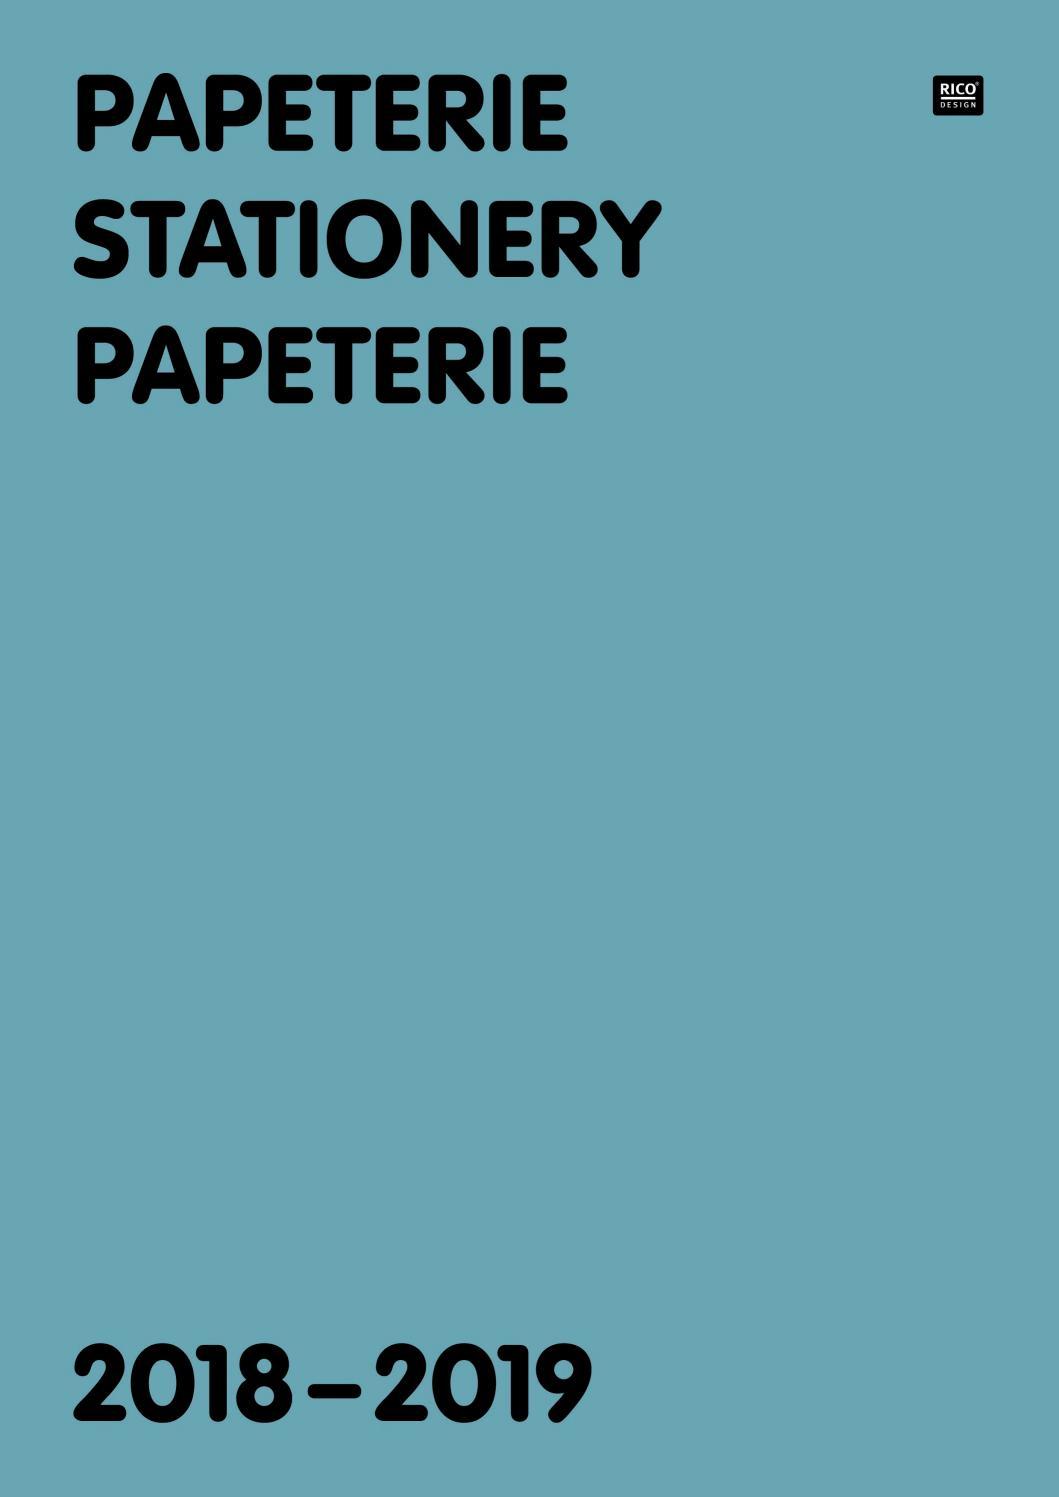 Katalog Rico Papeterie 2018-2019 By René Müller - Issuu intérieur Origami Bonhomme De Neige